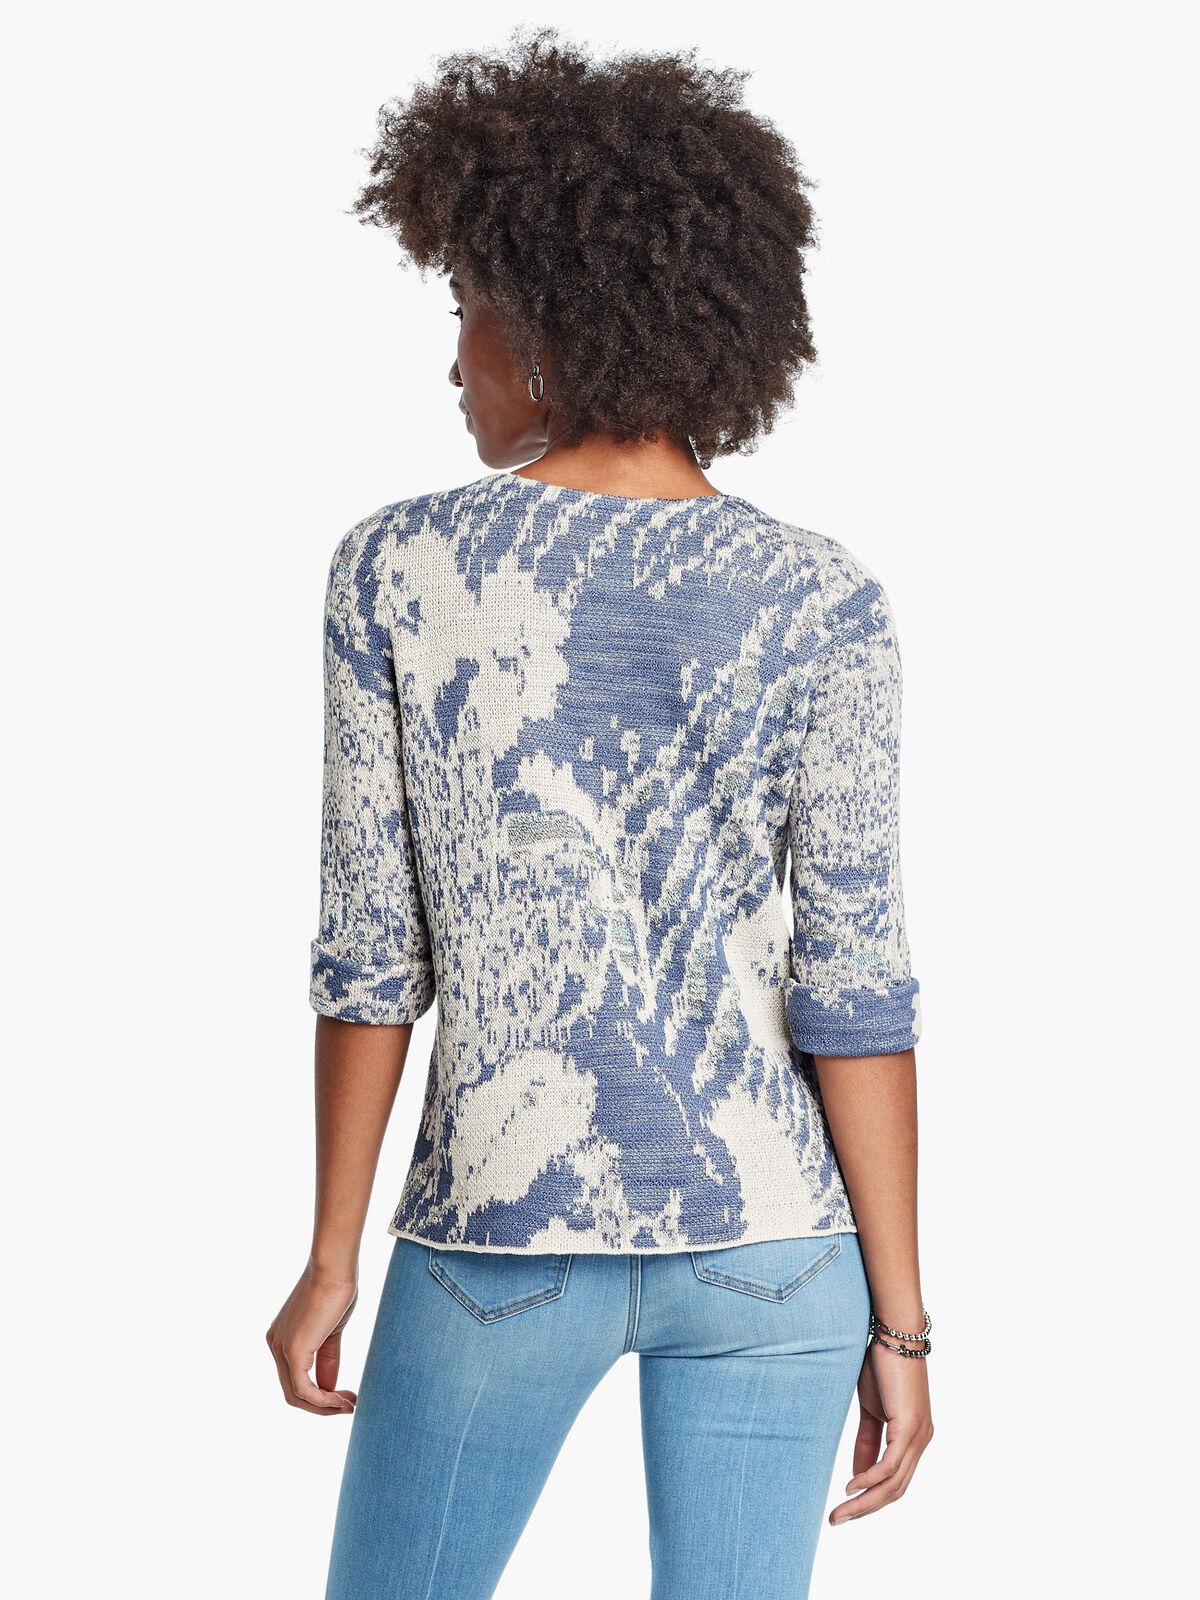 Petal Mix Sweater